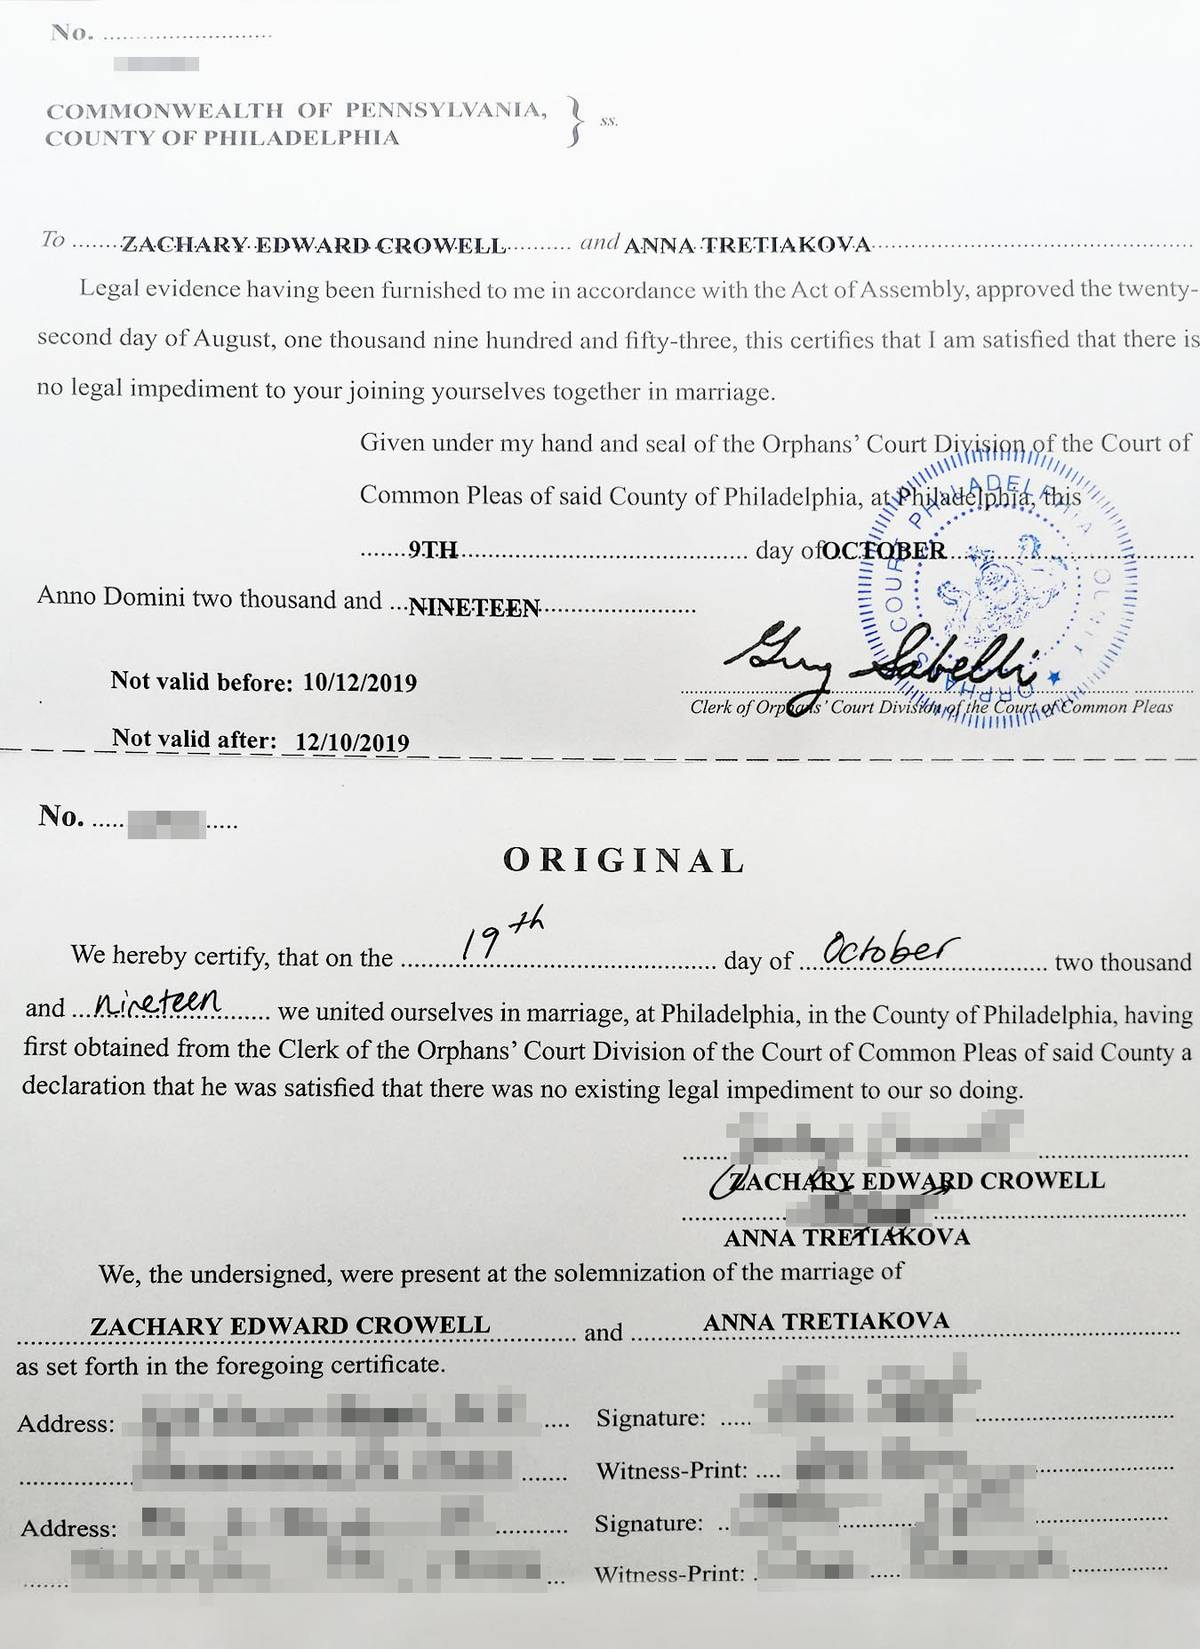 Так выглядит наш брачный сертификат